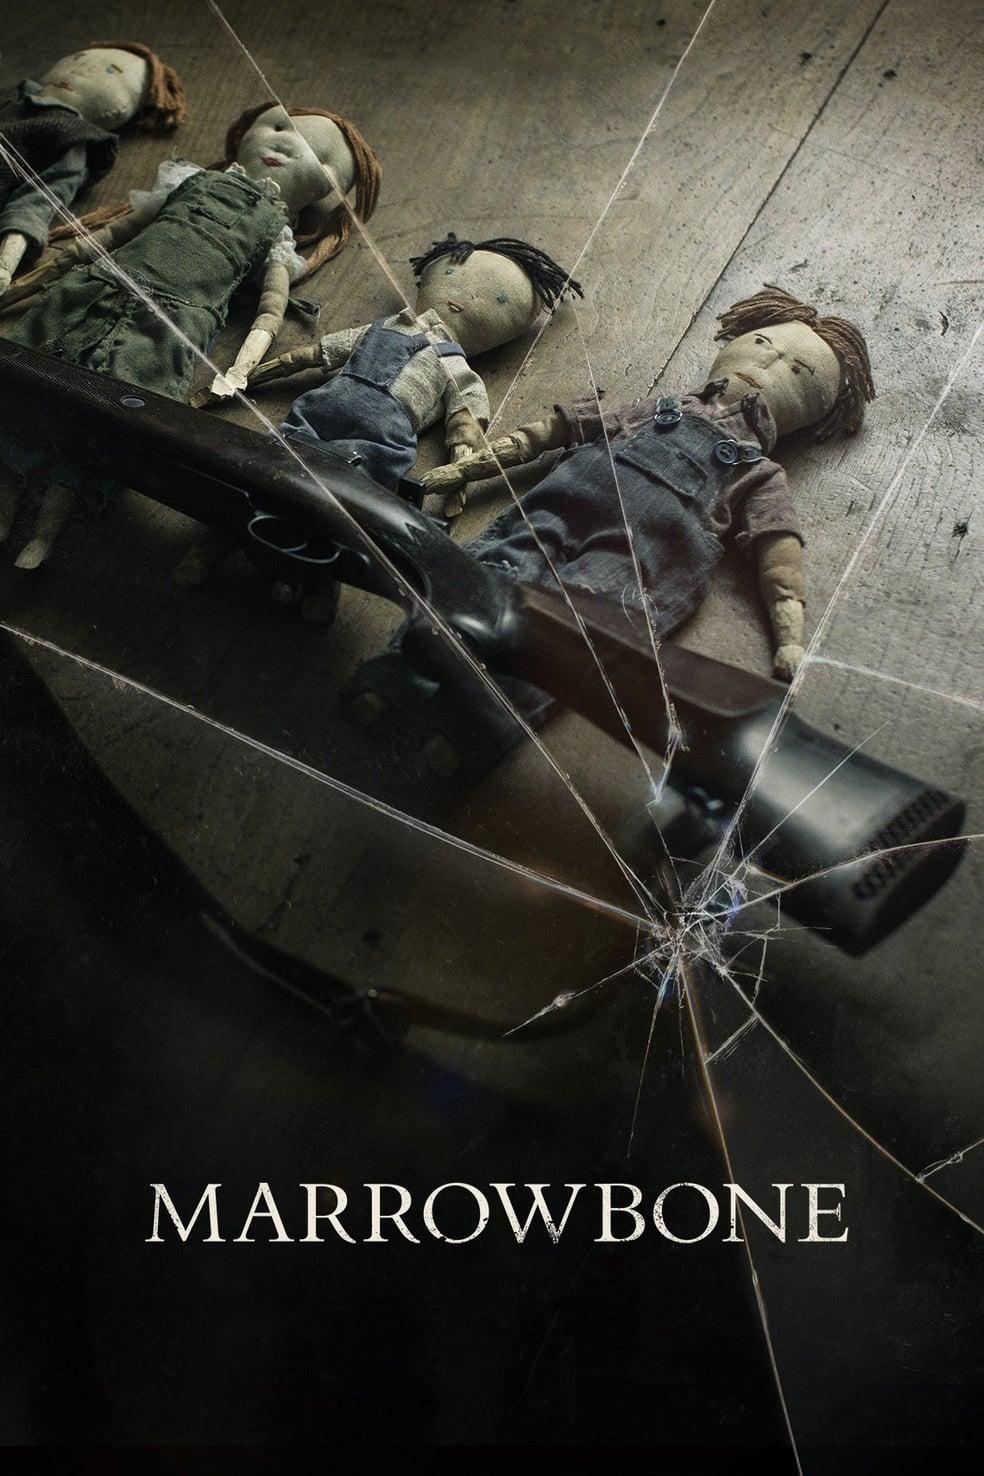 მერეუბონეს საიდუმლო / Marrowbone